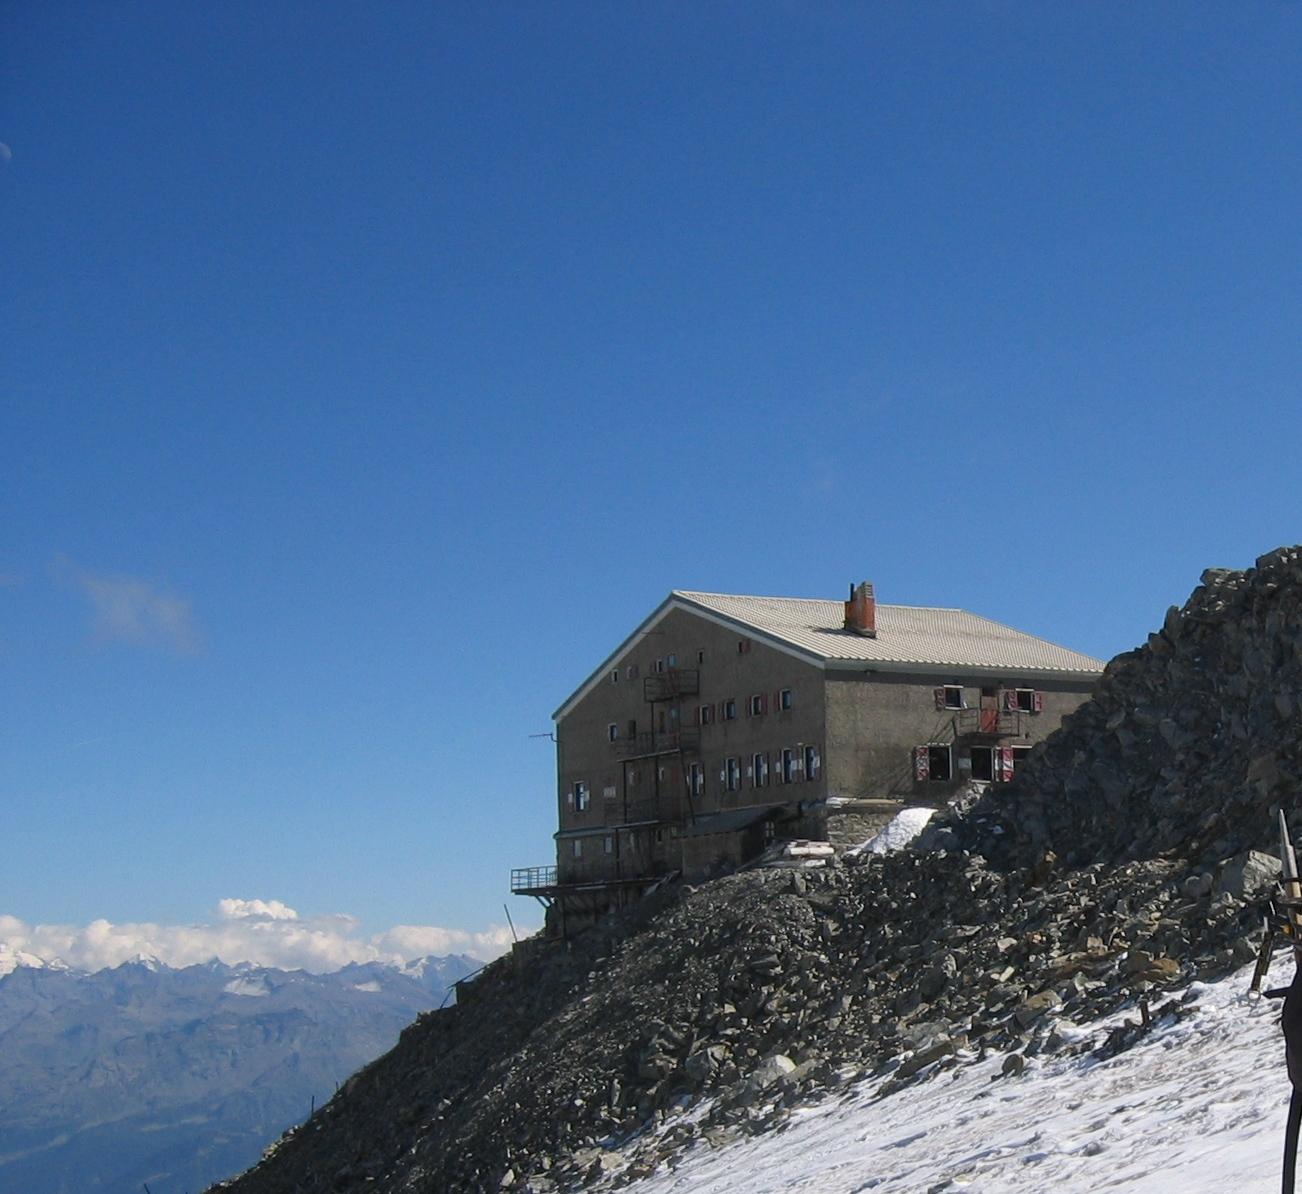 Rifugio alpino  Wikipedia